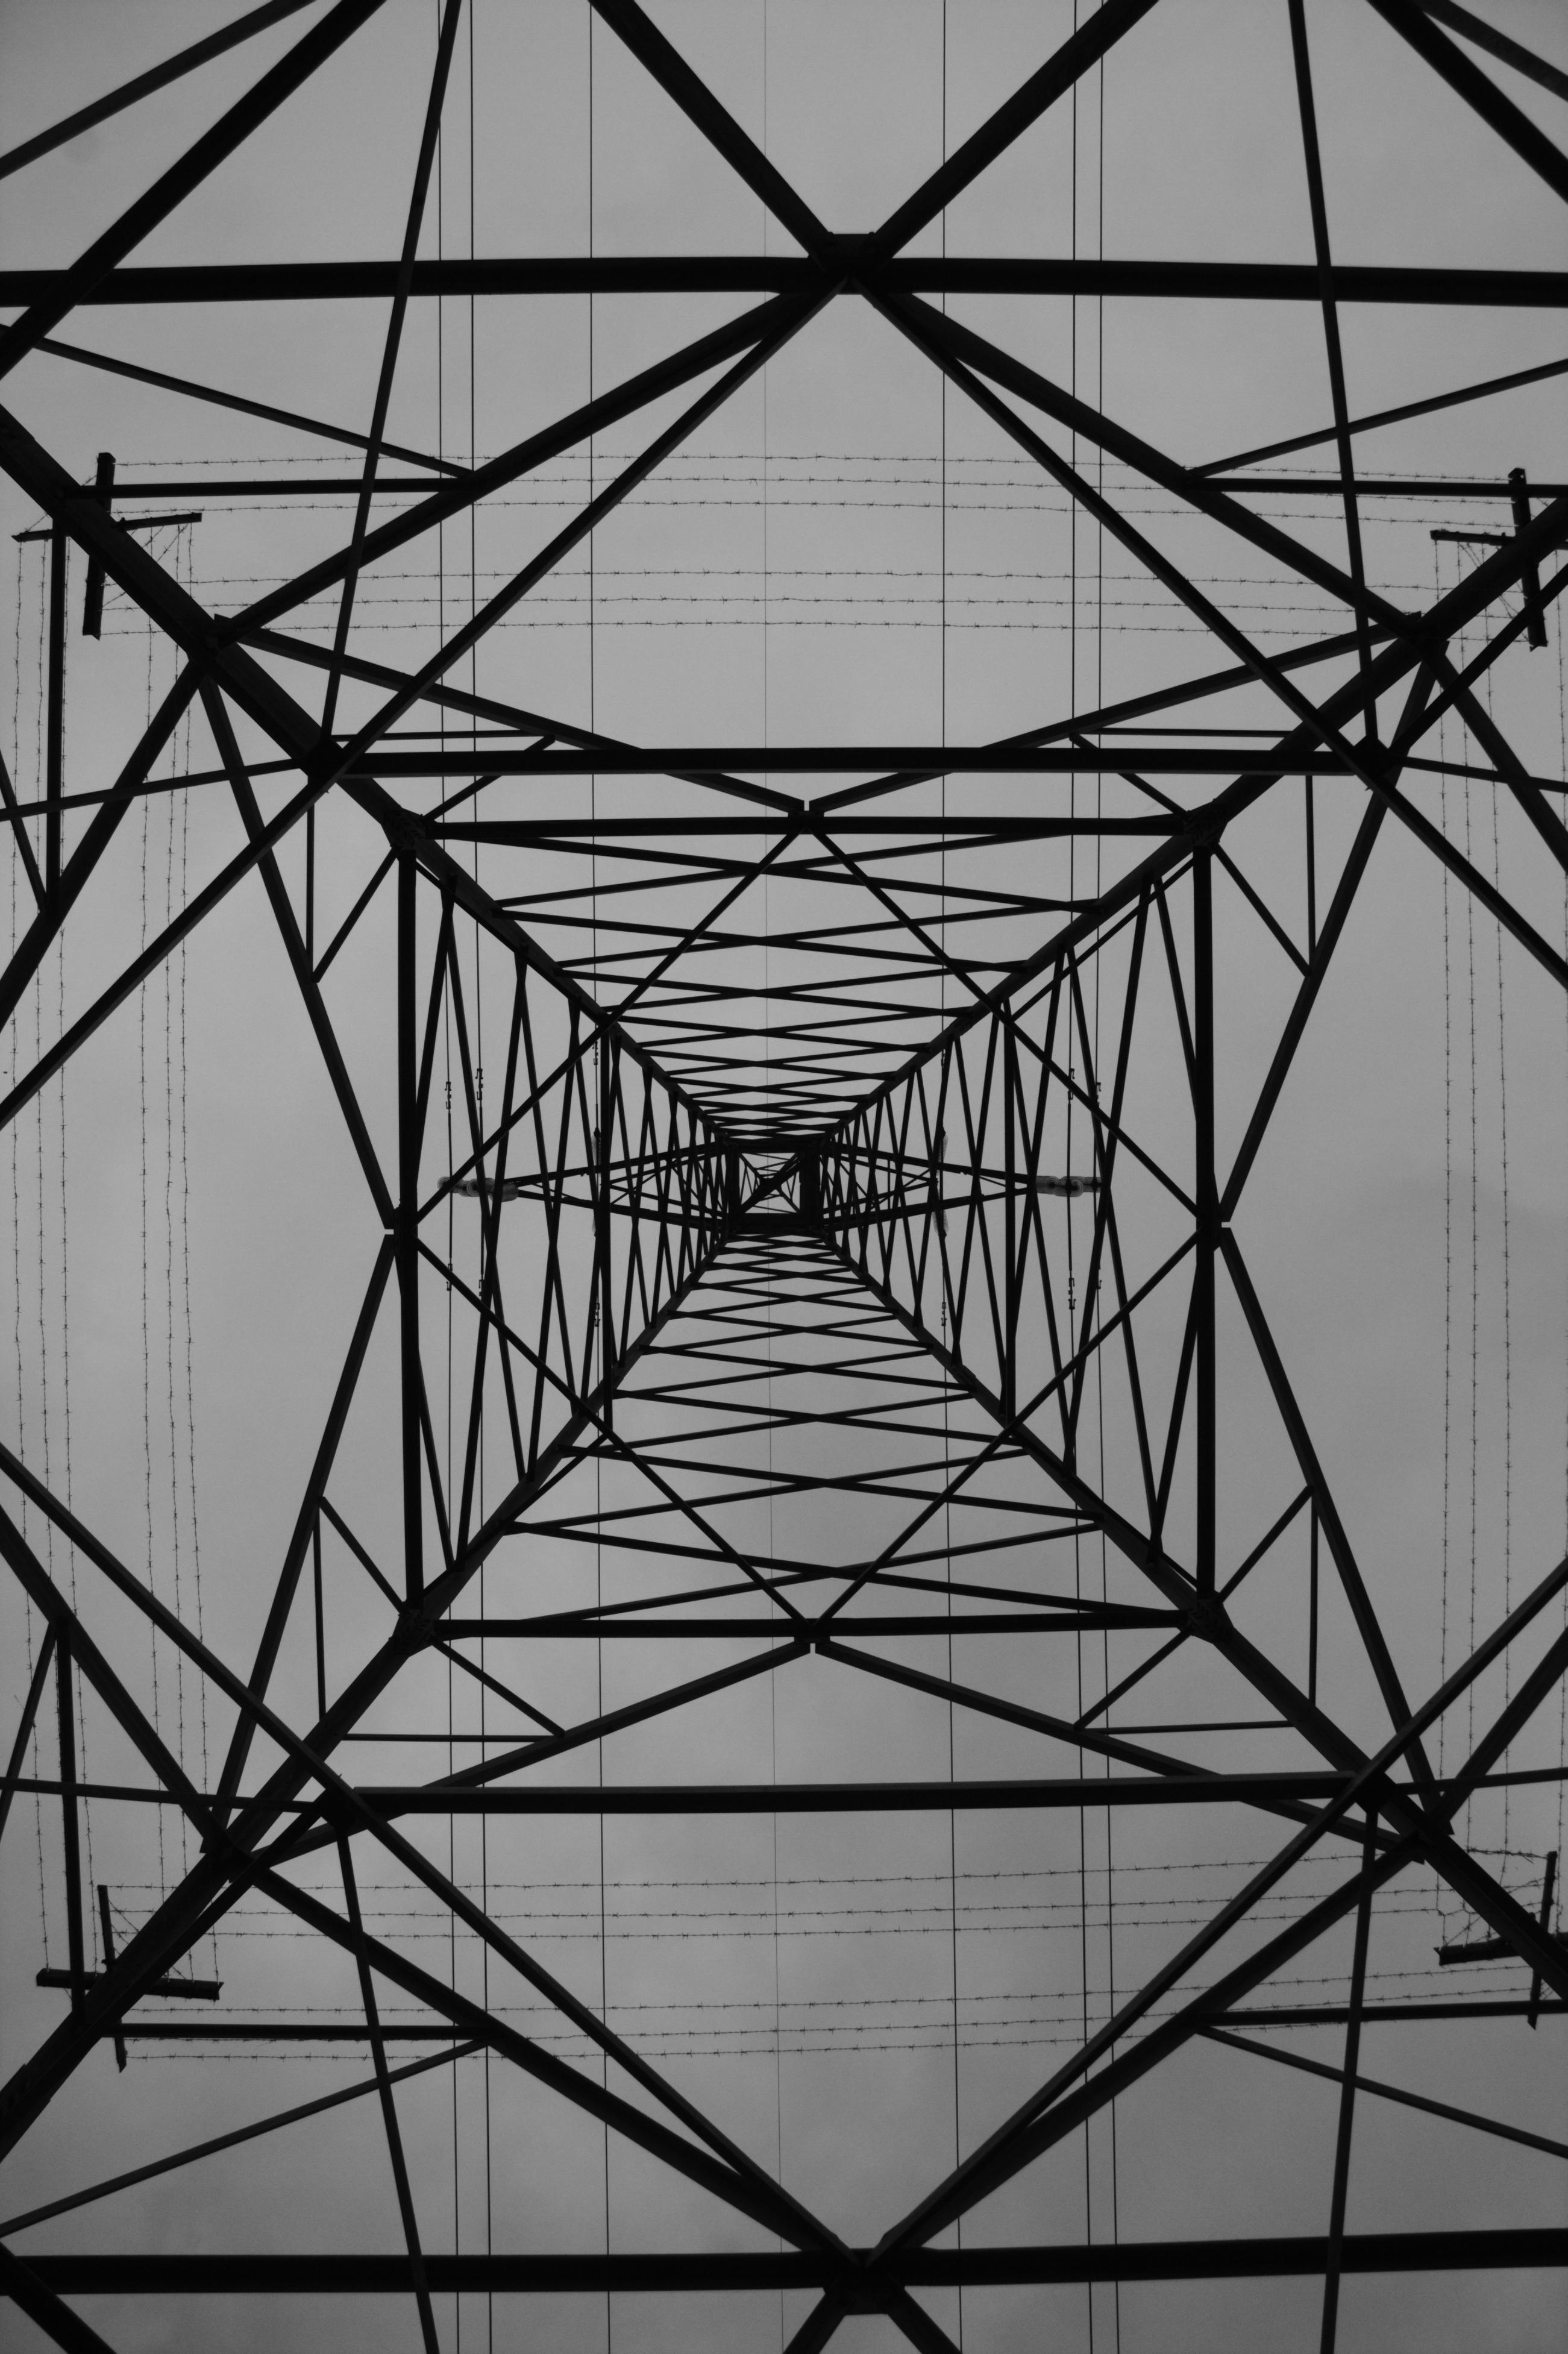 009_elektron.jpg